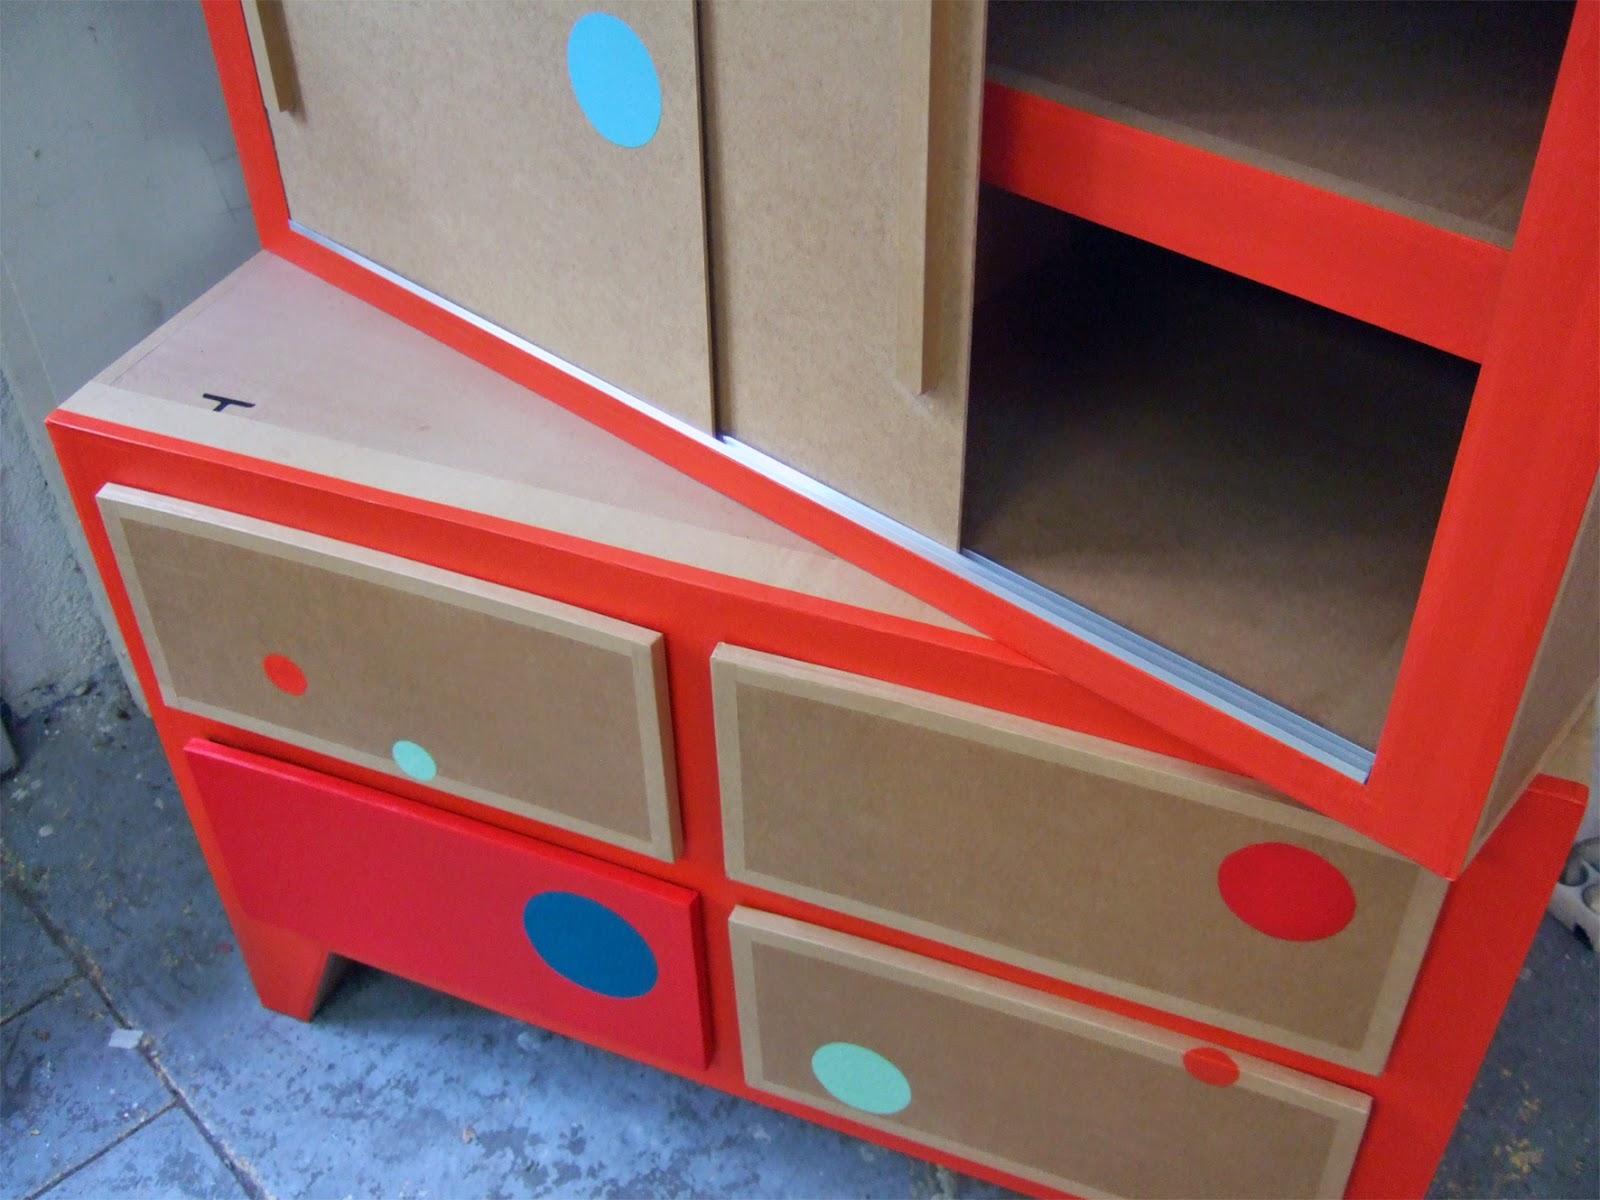 armoire en carton. meuble en carton sur mesure. fabriqué à marseille par juliadesign.